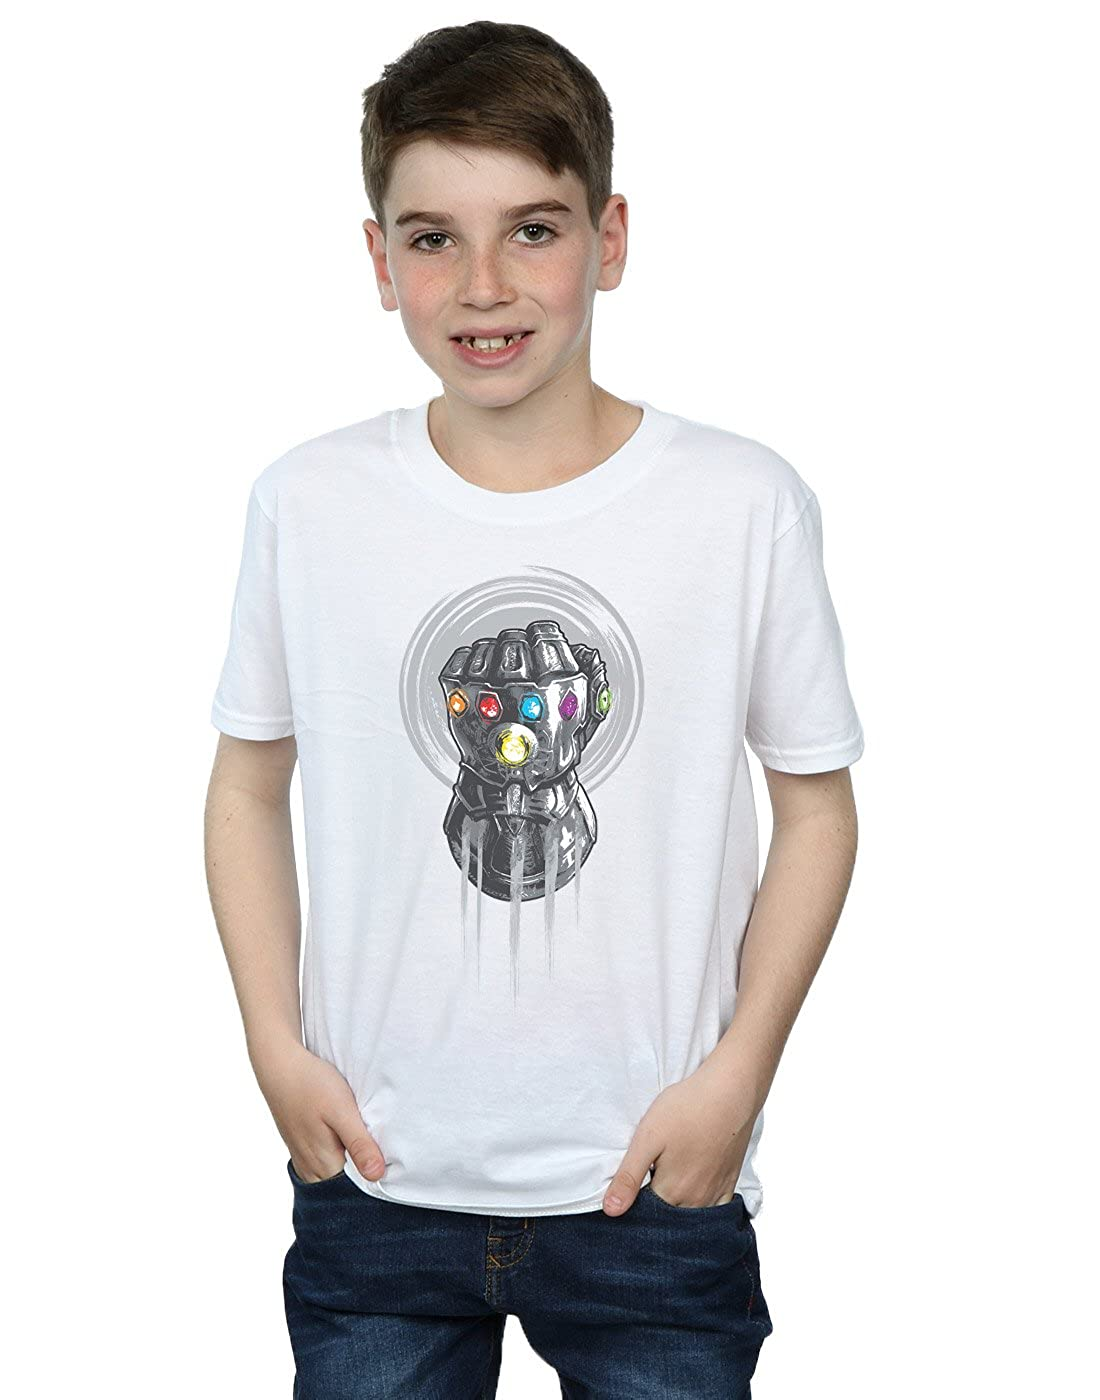 Absolute Cult Avengers Boys Infinity War Power Fist T-Shirt